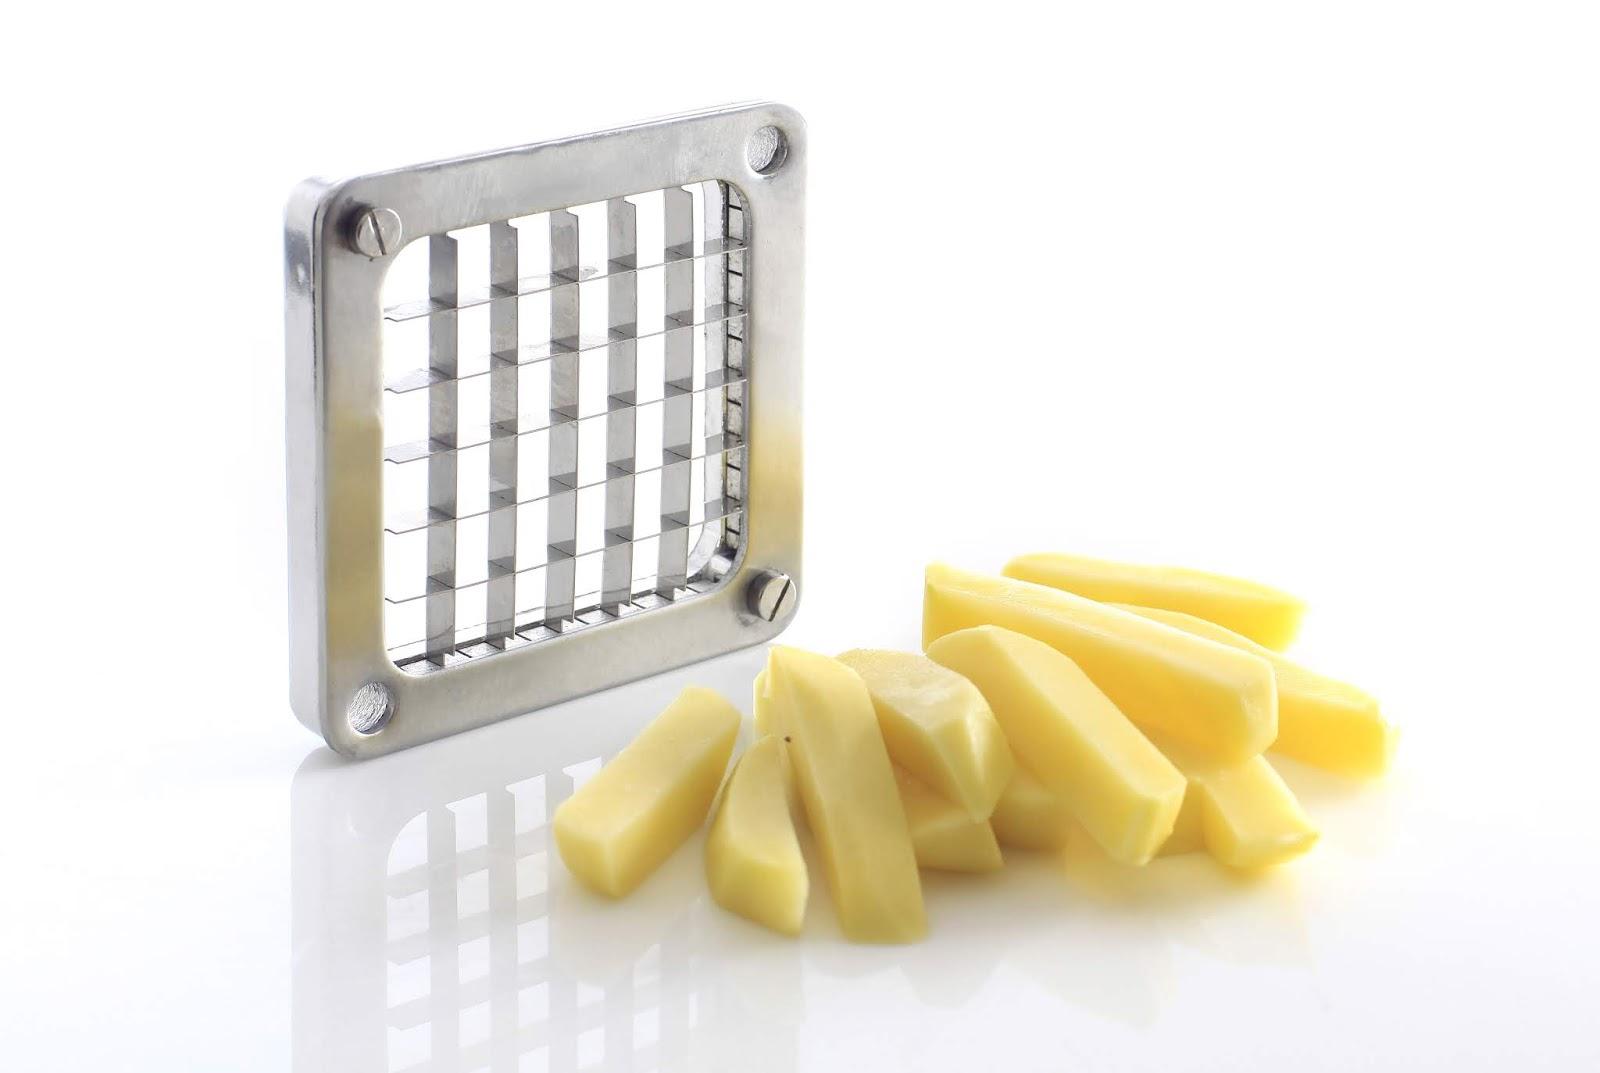 Cutit pentru taietor profesional de taiat cartofi sau legume